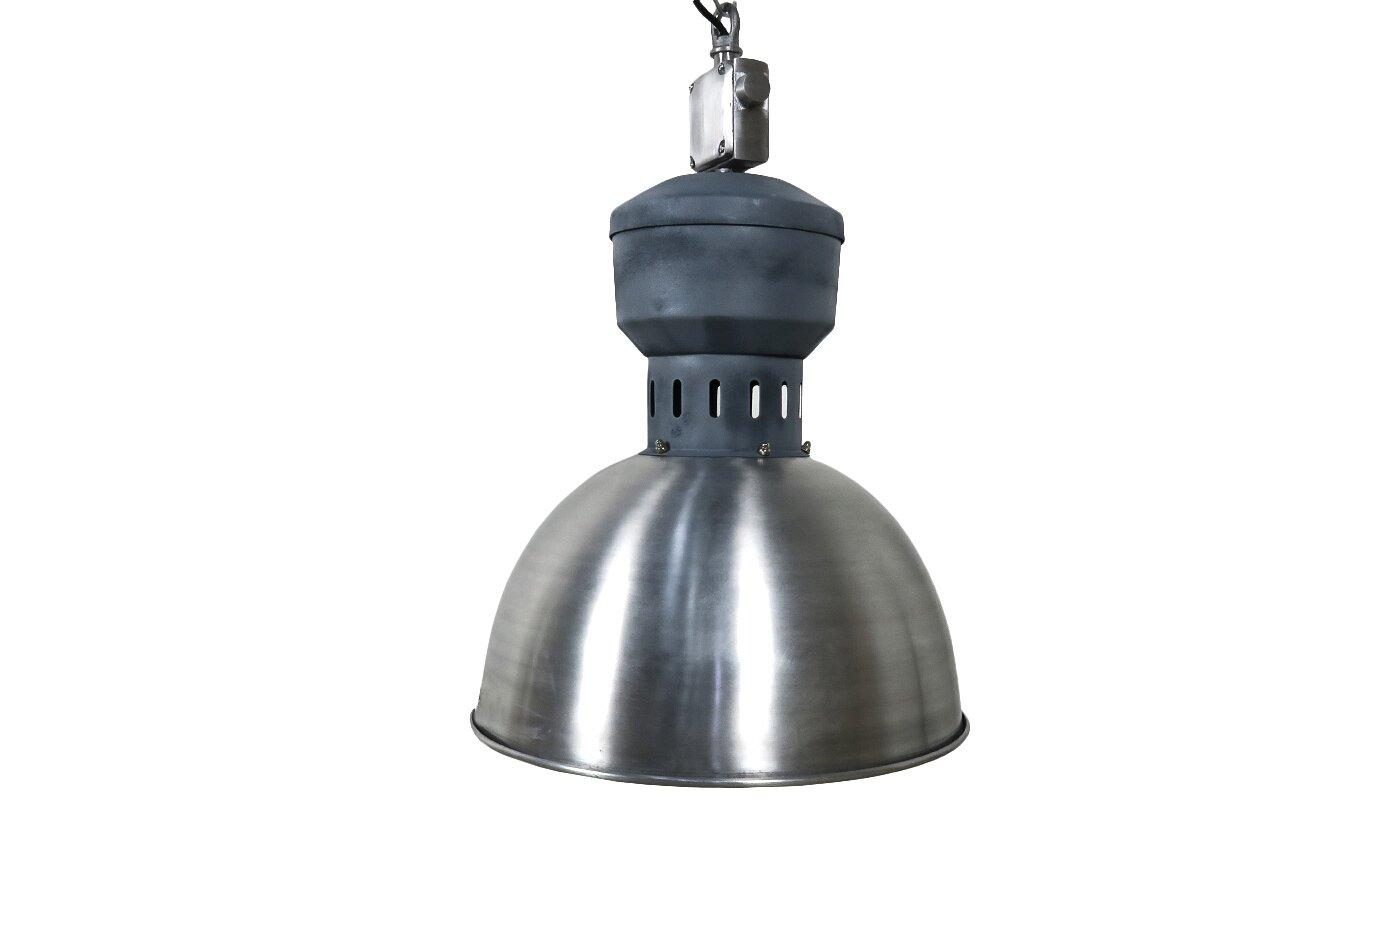 Full Size of Deckenlampe Industrial Moderne Aluminium Durchmesser 50cm Küche Deckenlampen Für Wohnzimmer Esstisch Schlafzimmer Modern Bad Wohnzimmer Deckenlampe Industrial